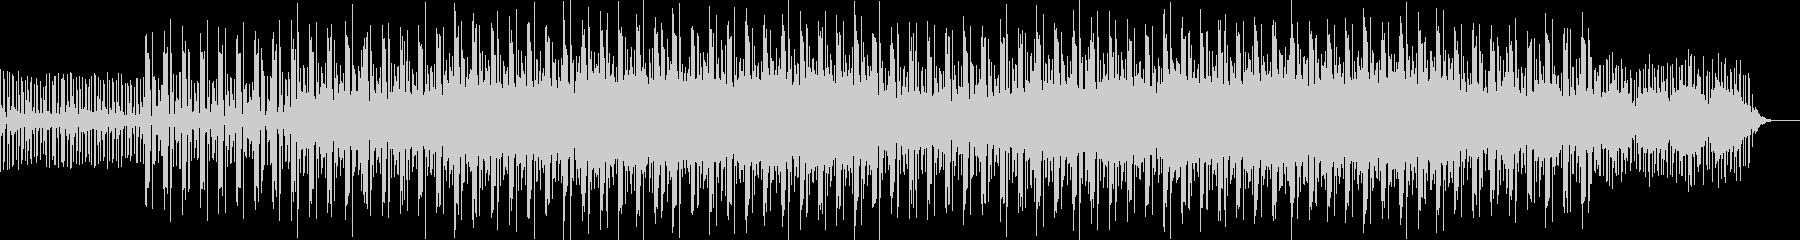 ニュース映像ナレーションバック向け-02の未再生の波形